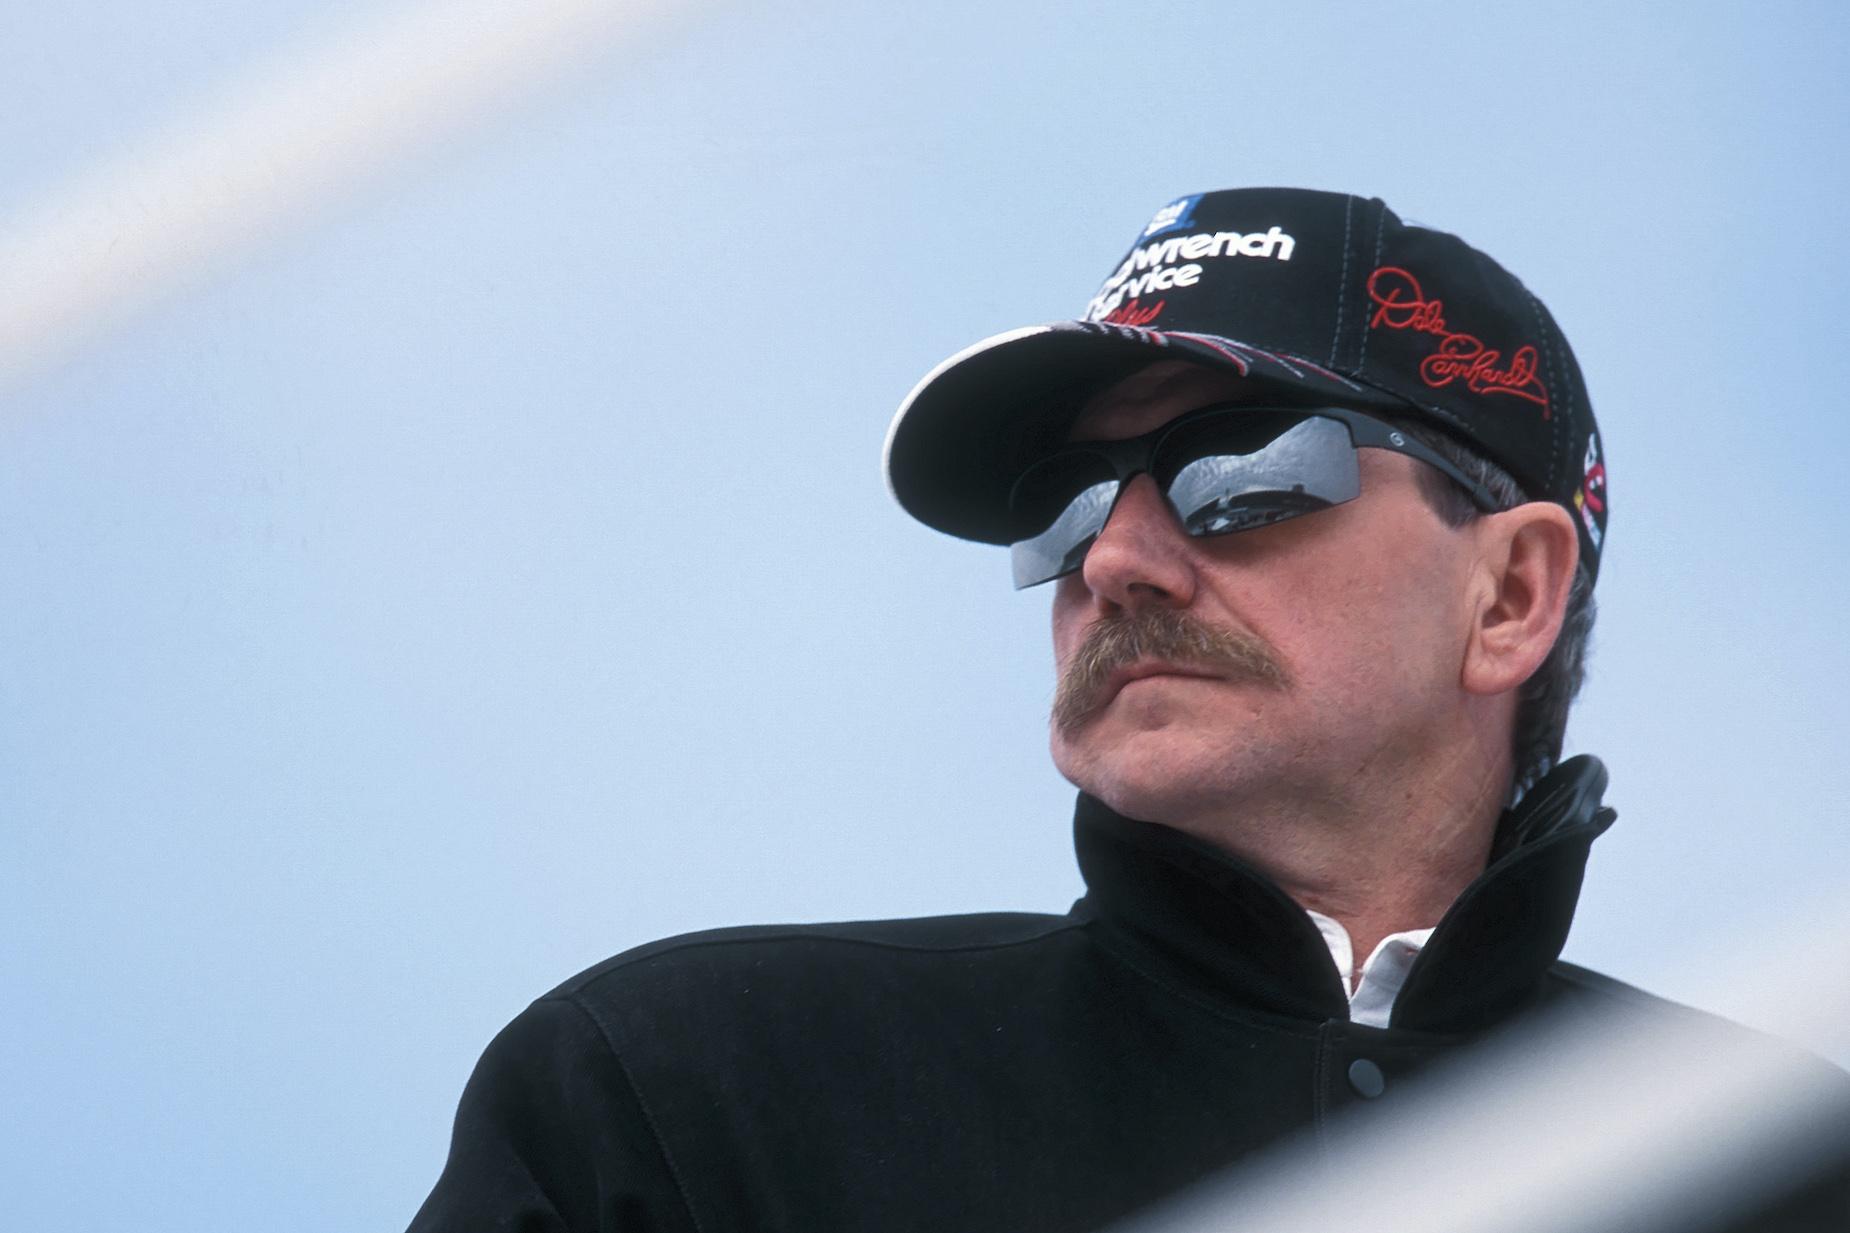 NASCAR legend Dale Earnhardt Sr. watches a race.